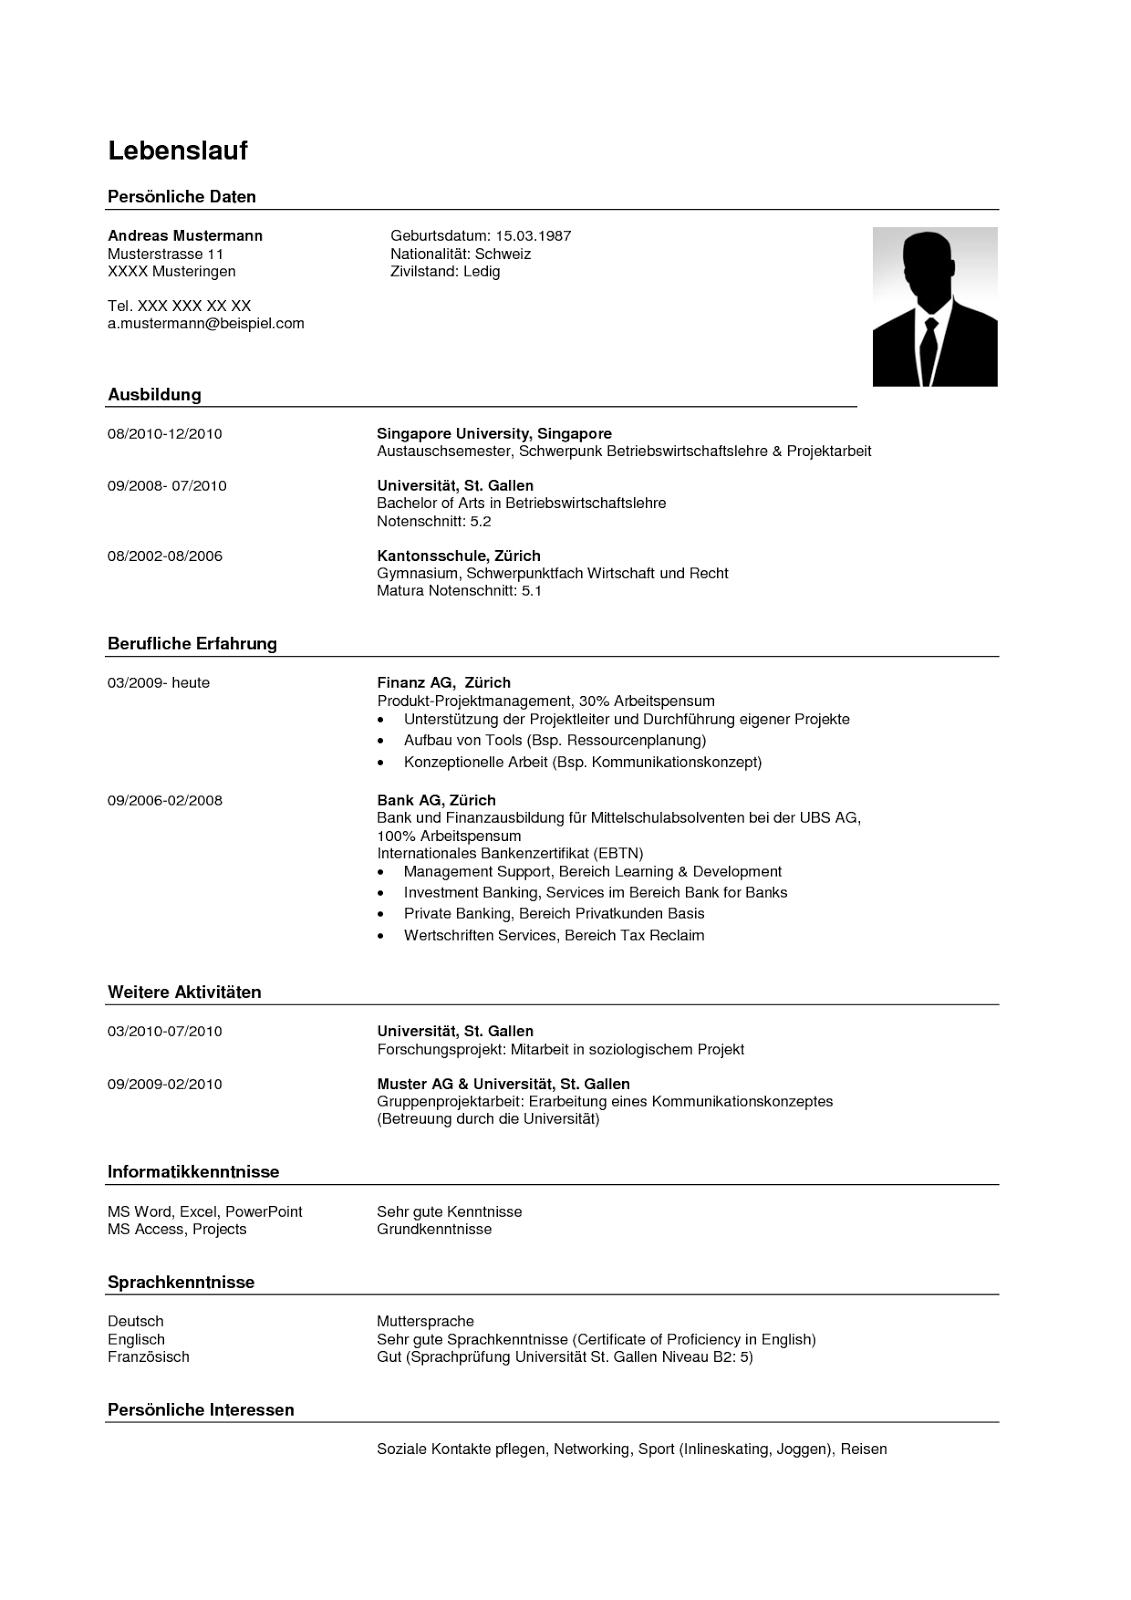 lebenslauf im pdf format erstellen so gehts. lebenslauf vorlage 2016 ...